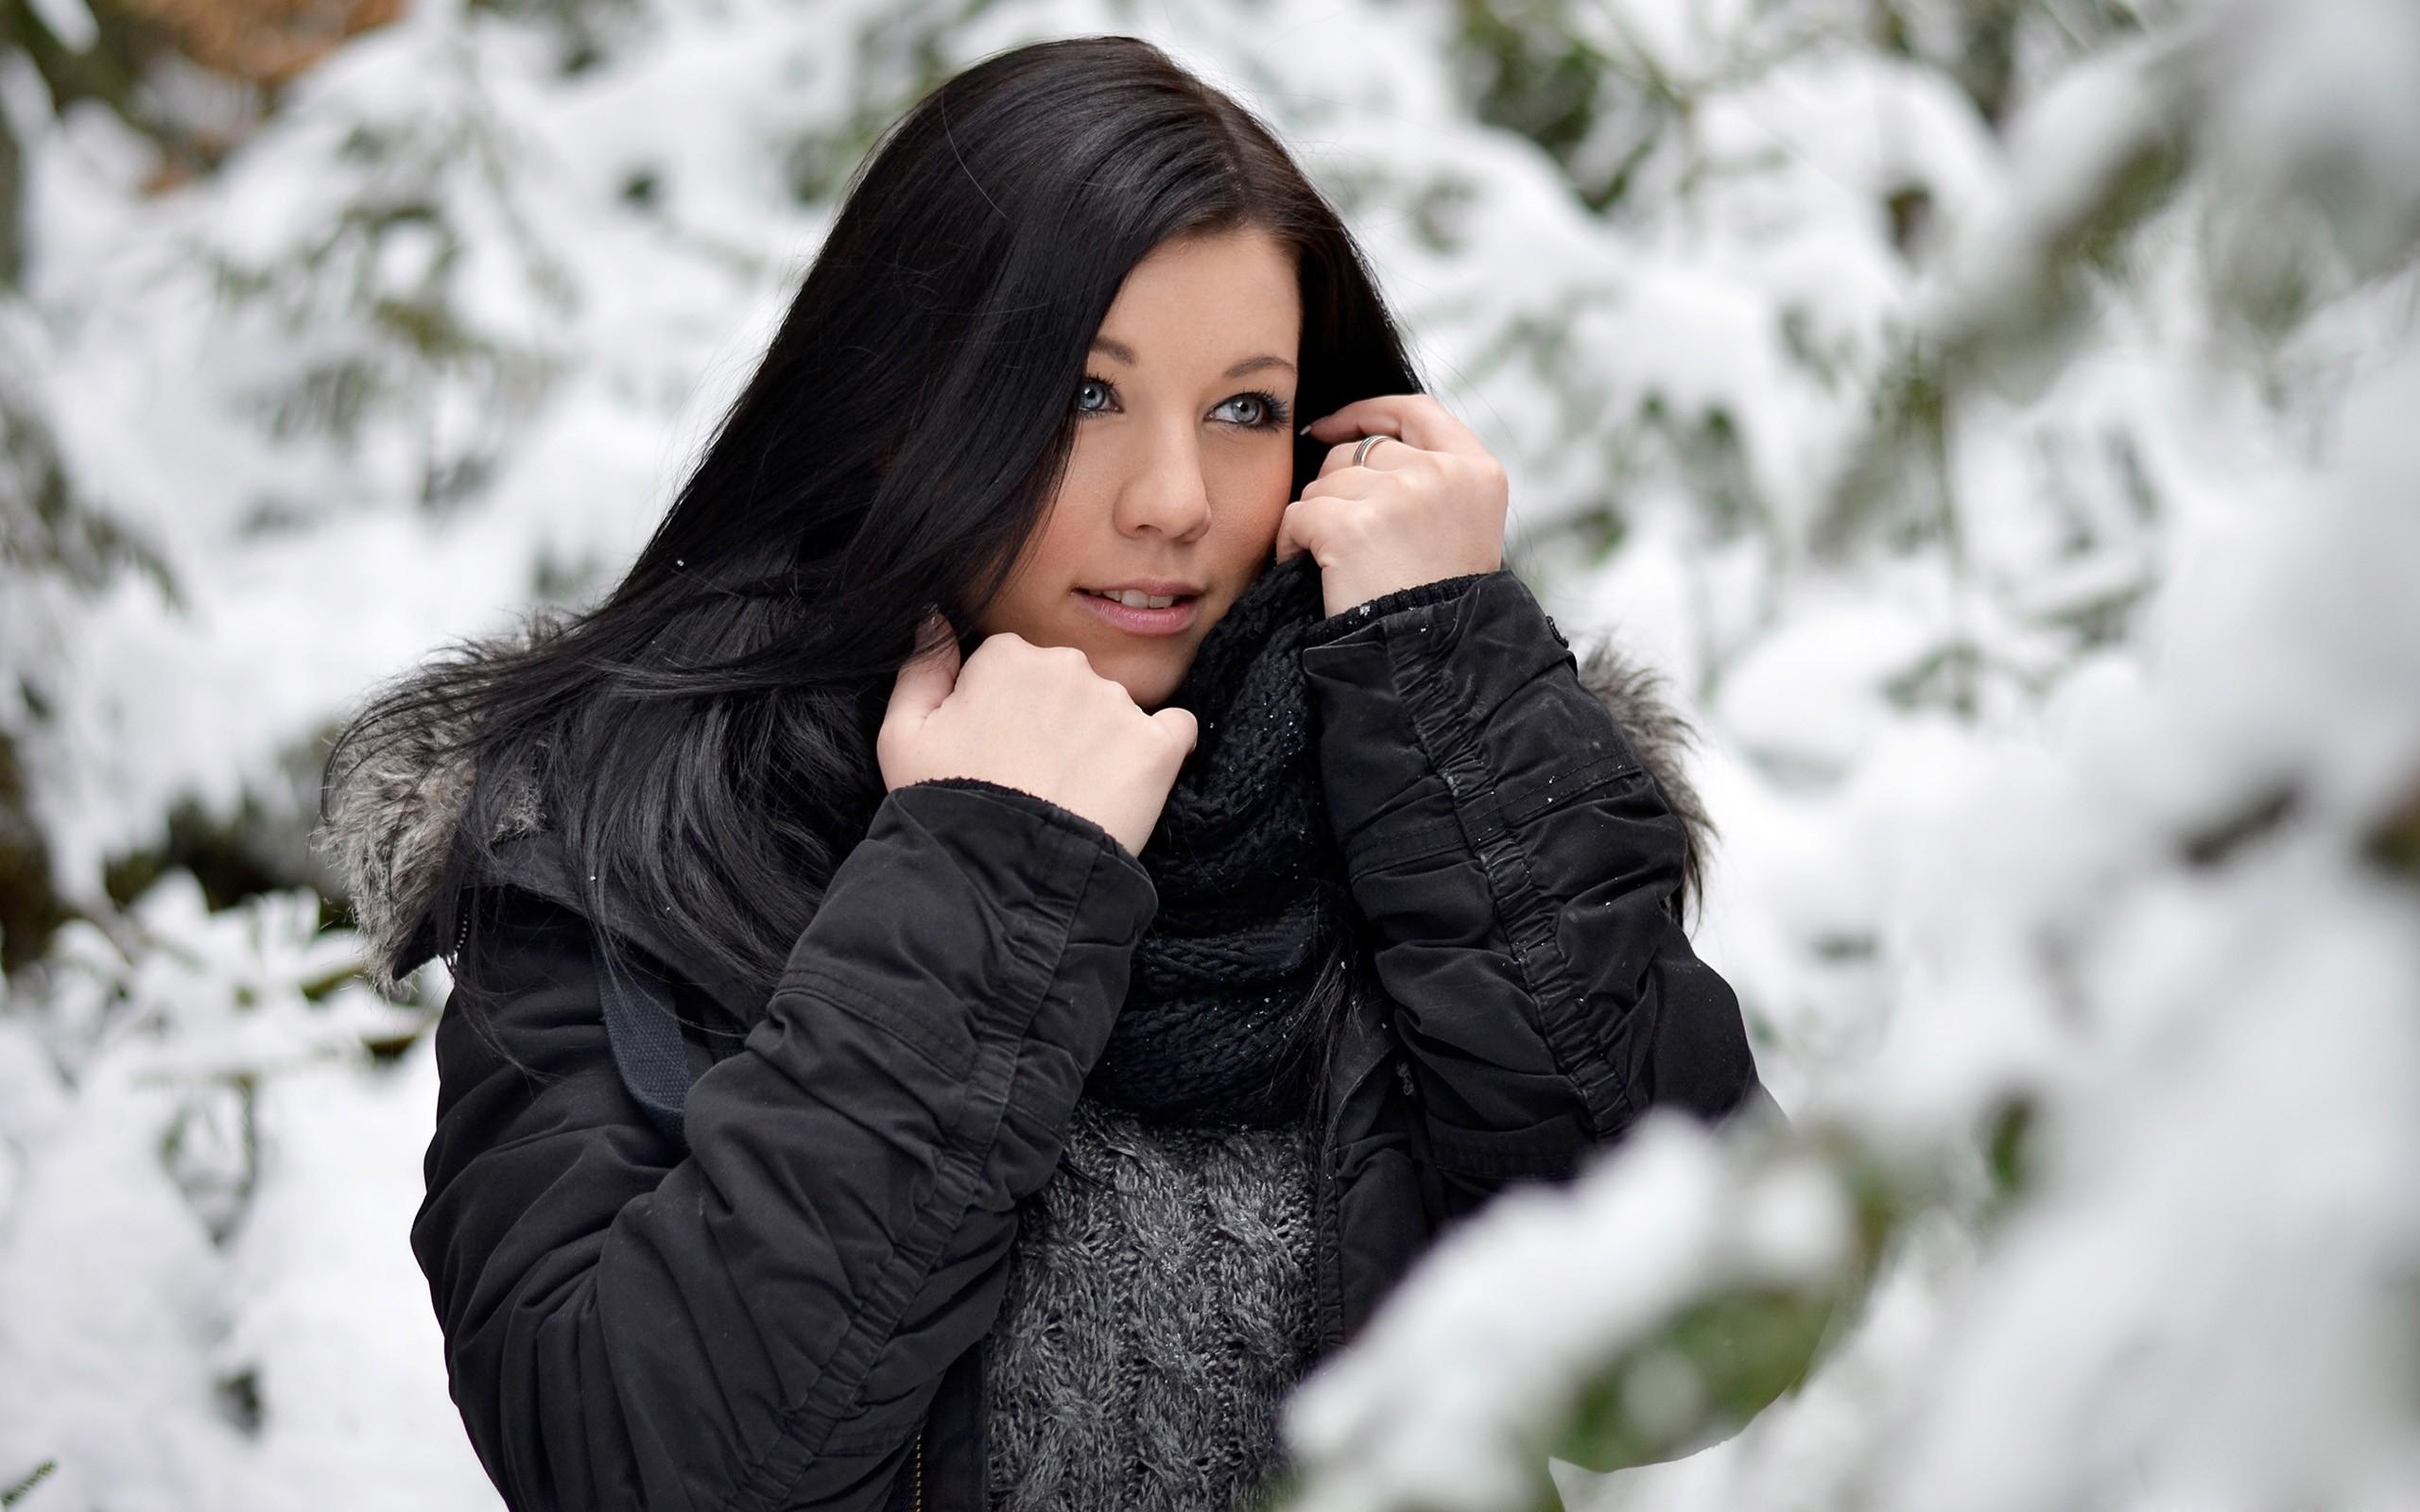 Красивые девушки фото брюнетки дома в одежде зимой